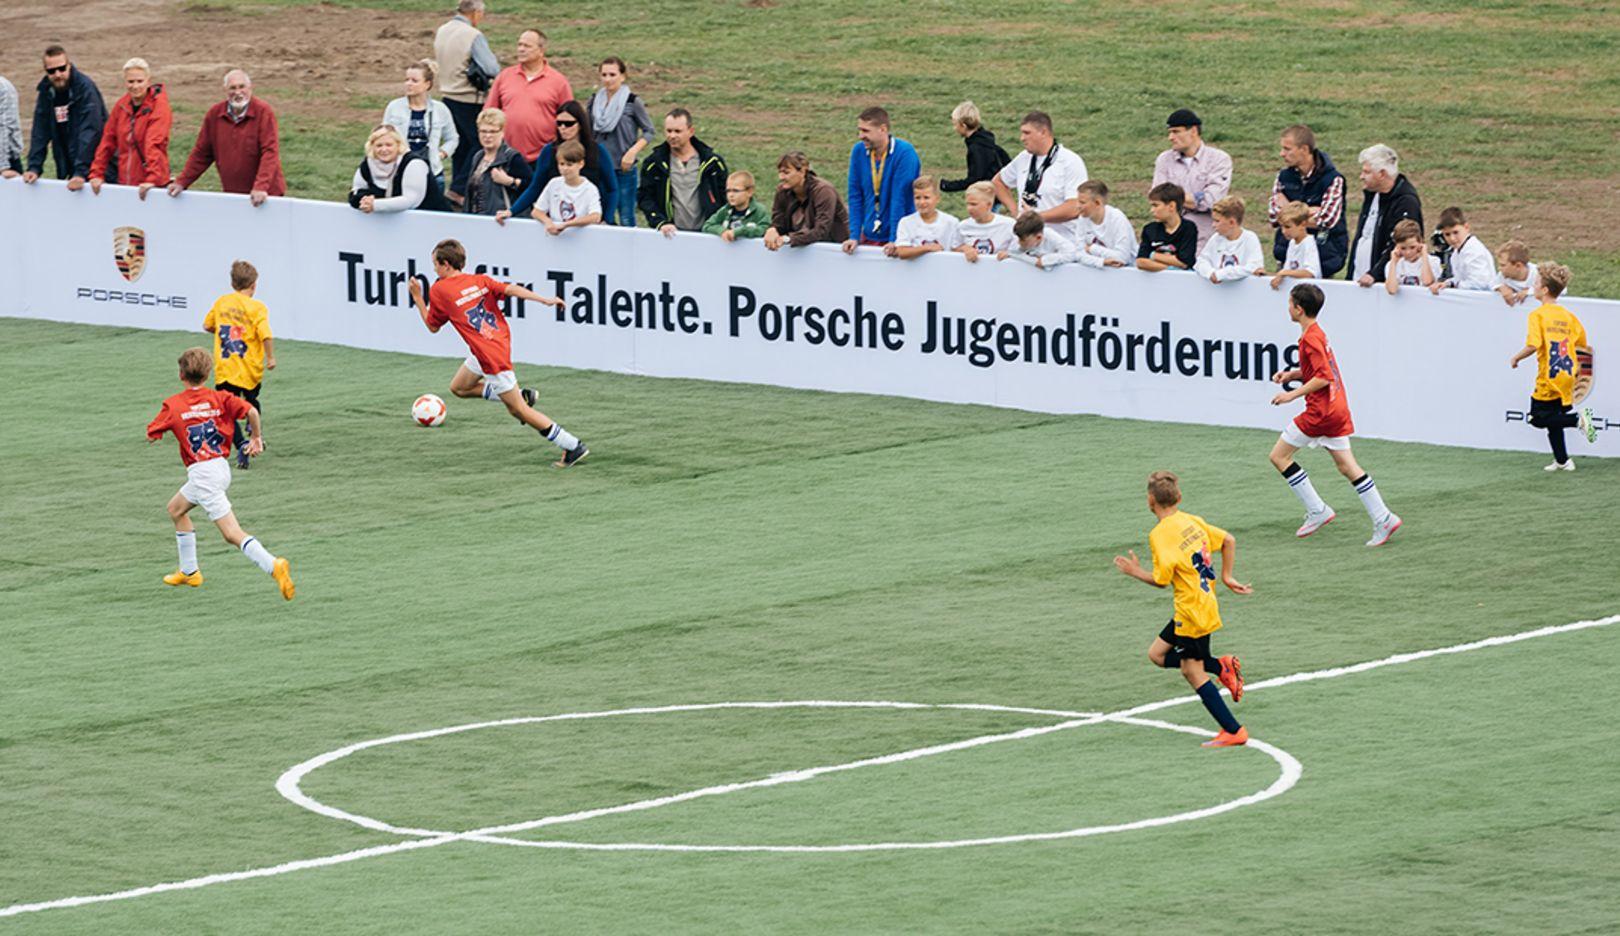 Leipziger Viertelfinale, 2015, Porsche AG